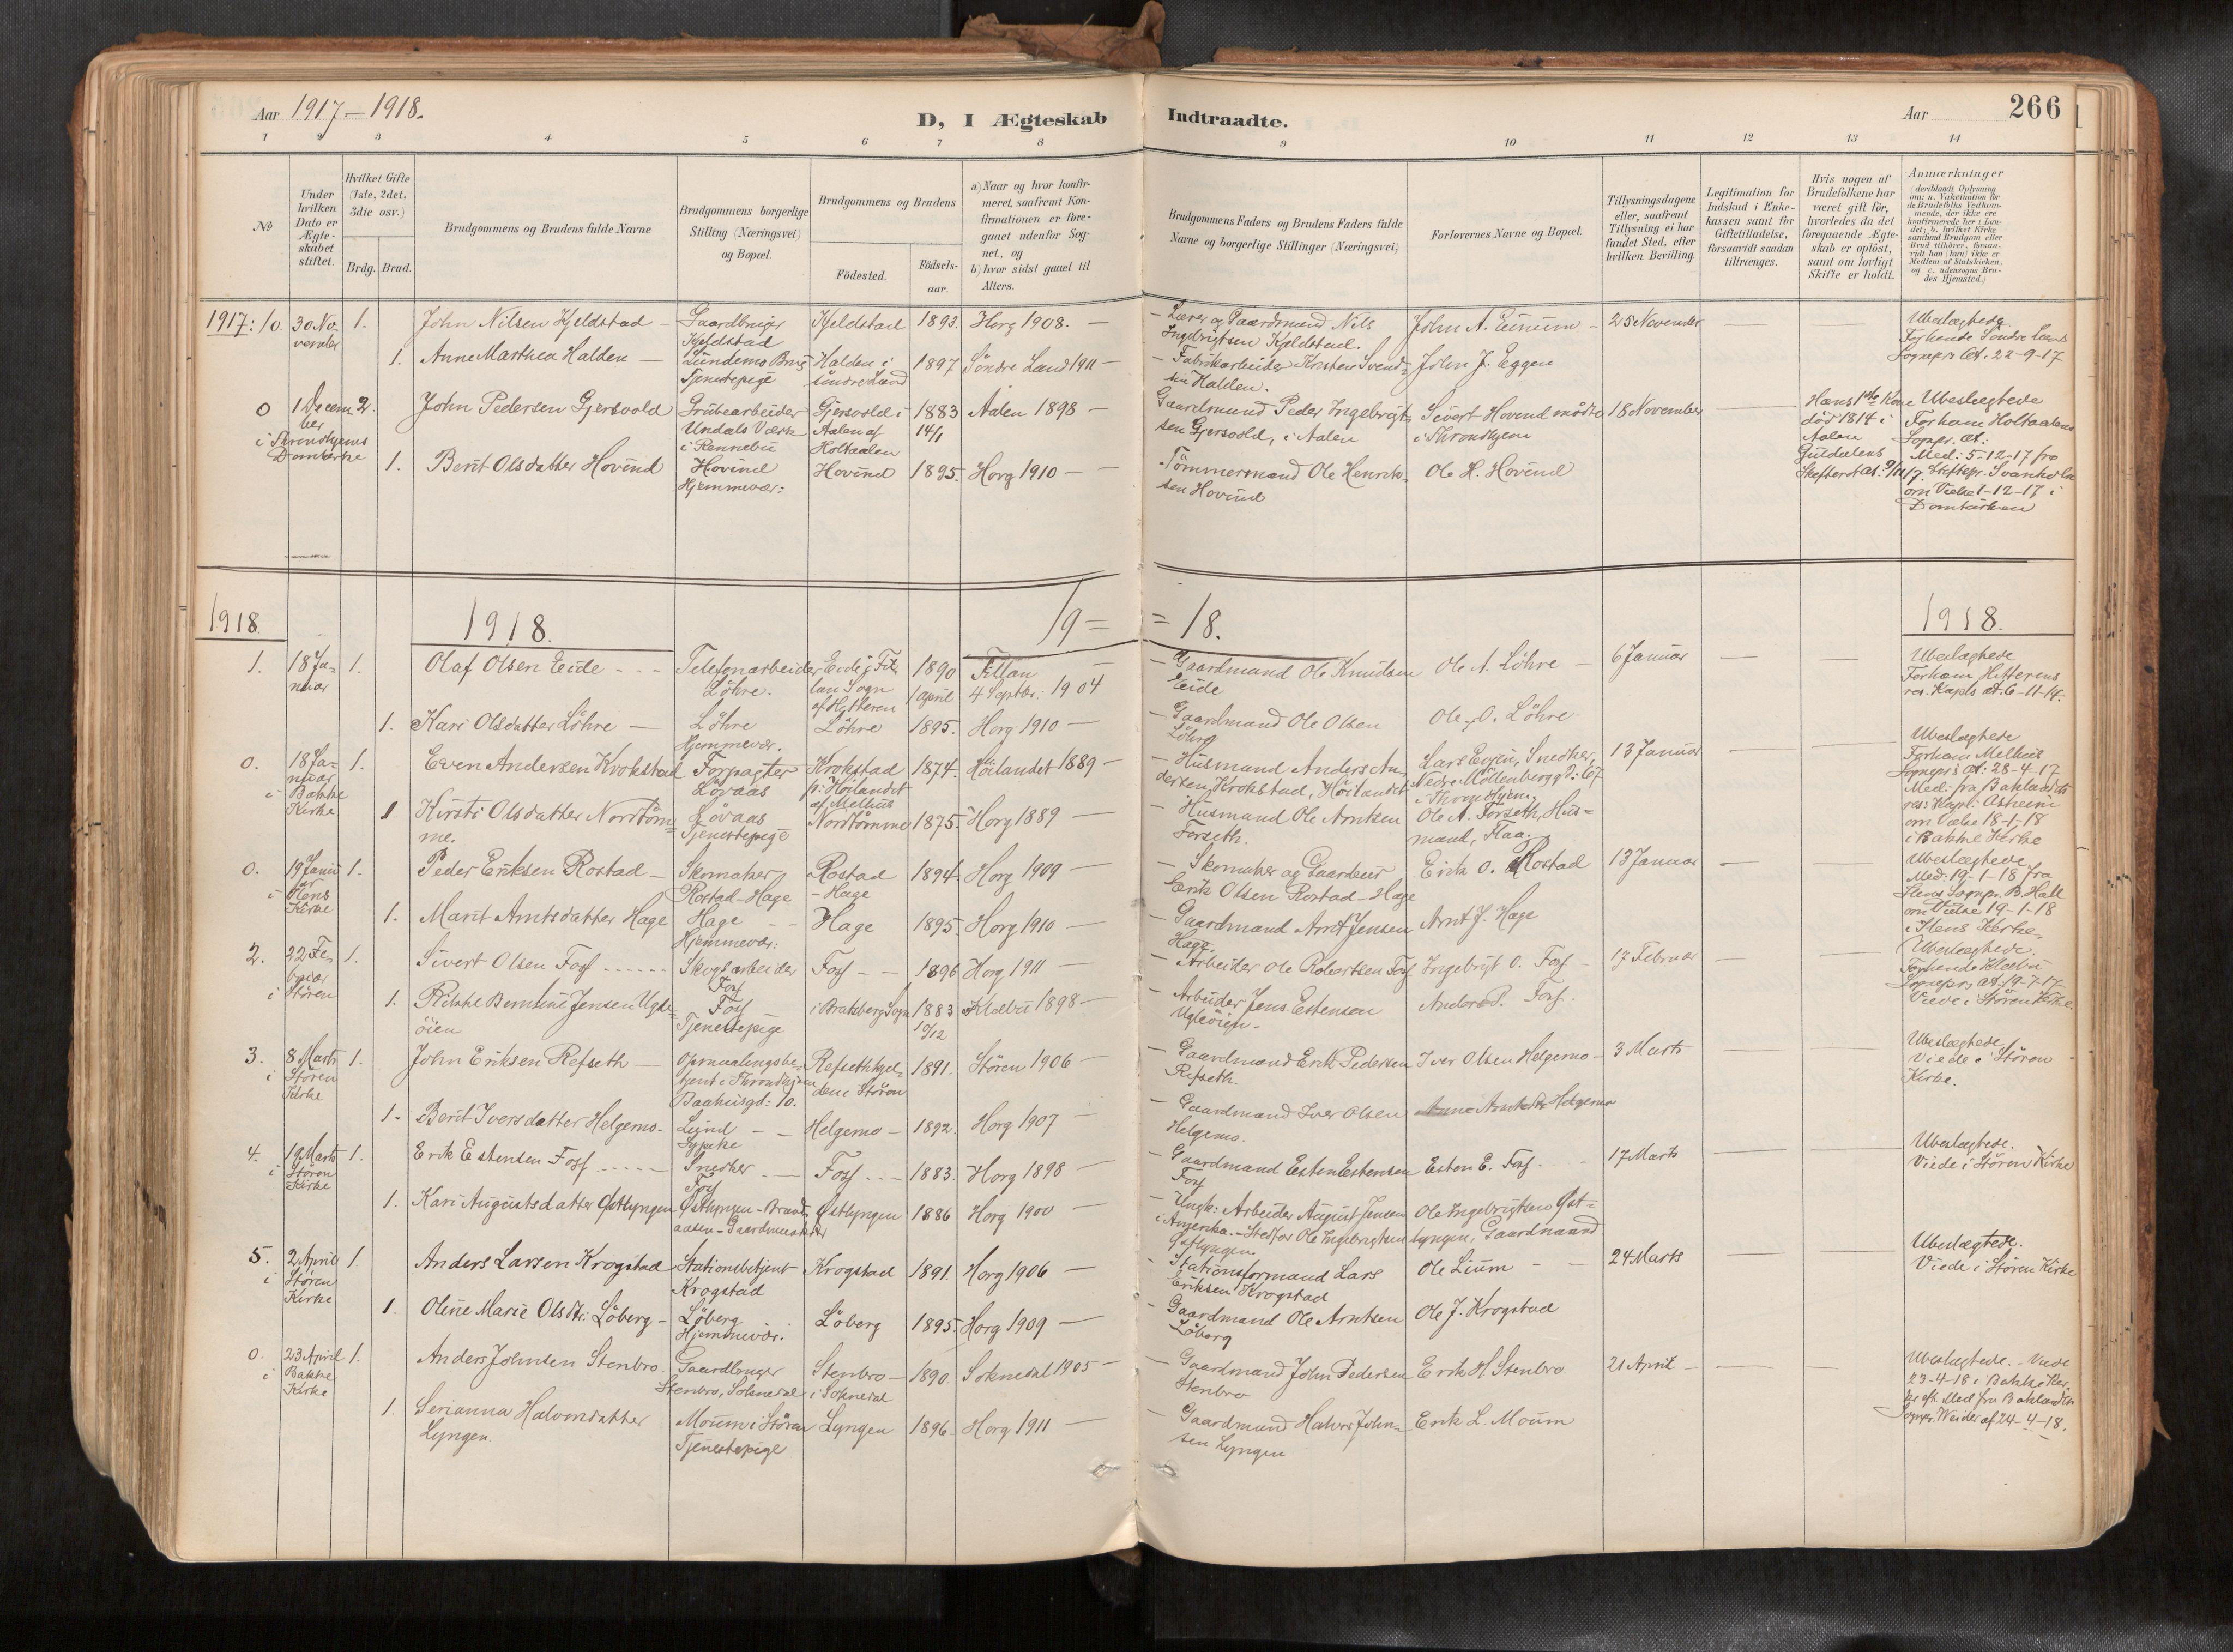 SAT, Ministerialprotokoller, klokkerbøker og fødselsregistre - Sør-Trøndelag, 692/L1105b: Ministerialbok nr. 692A06, 1891-1934, s. 266